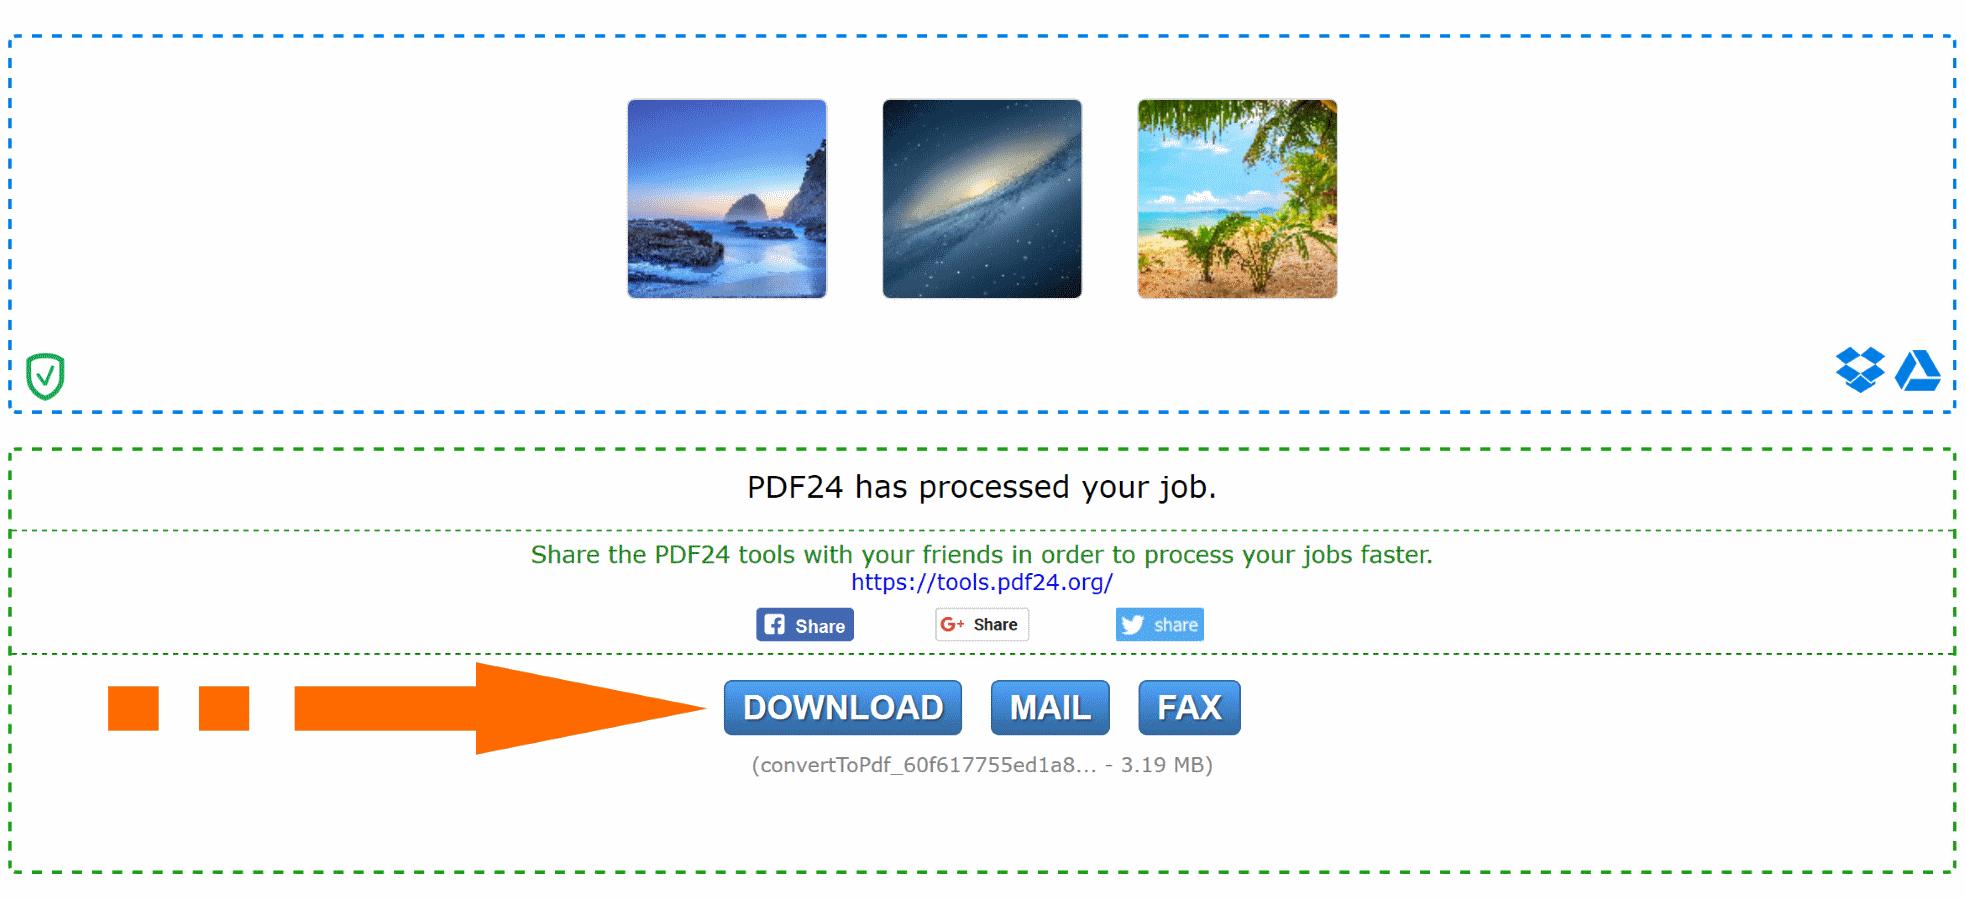 Chuyển file online sang PDF - Miễn phí 100% - PDF24 Tools